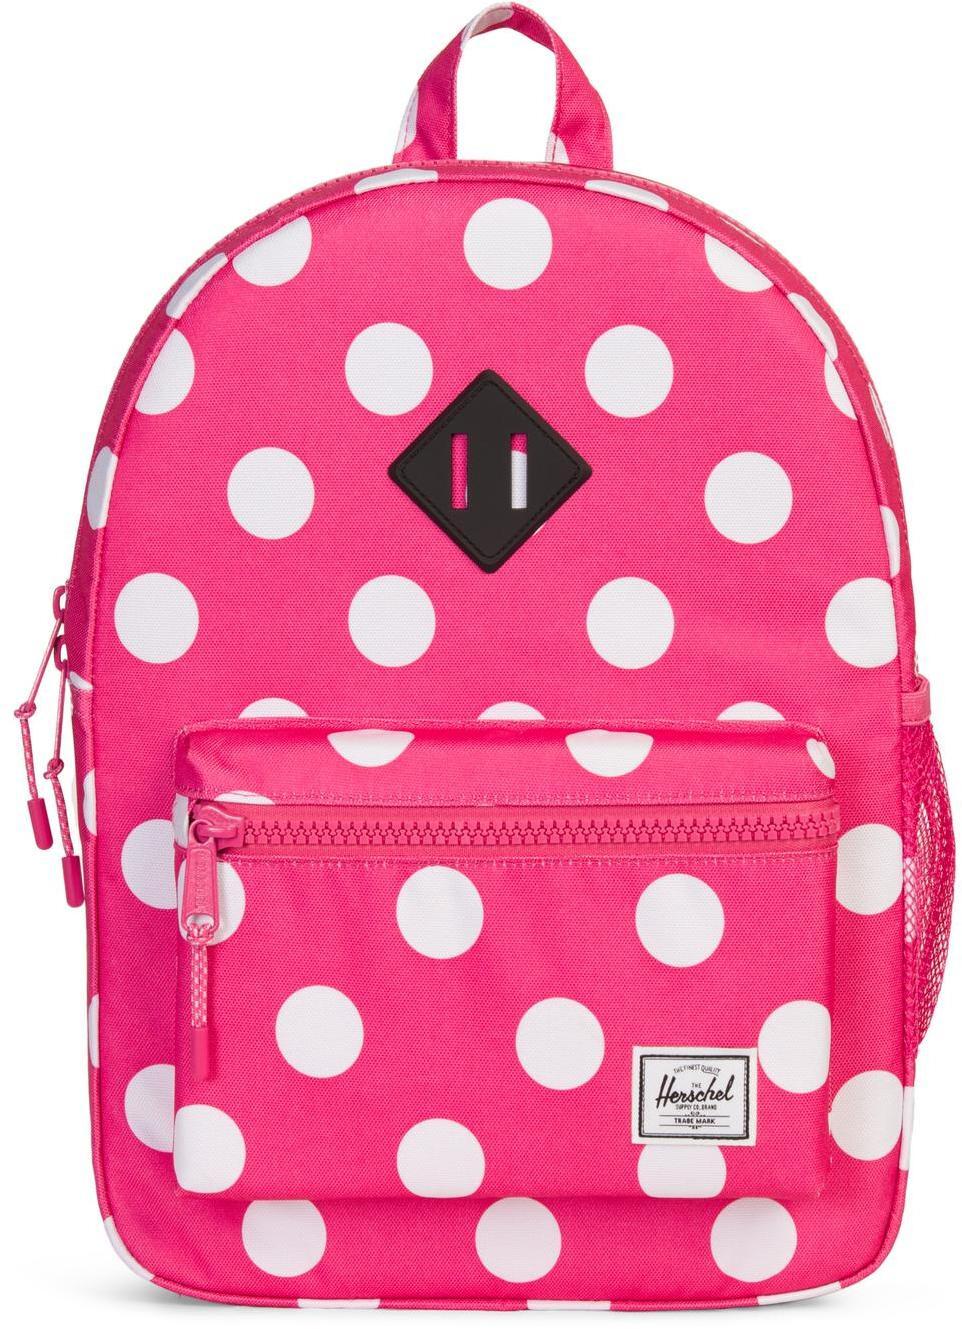 Herschel Heritage Rygsæk Børn, polka dot fandango pink   Rygsæk og rejsetasker